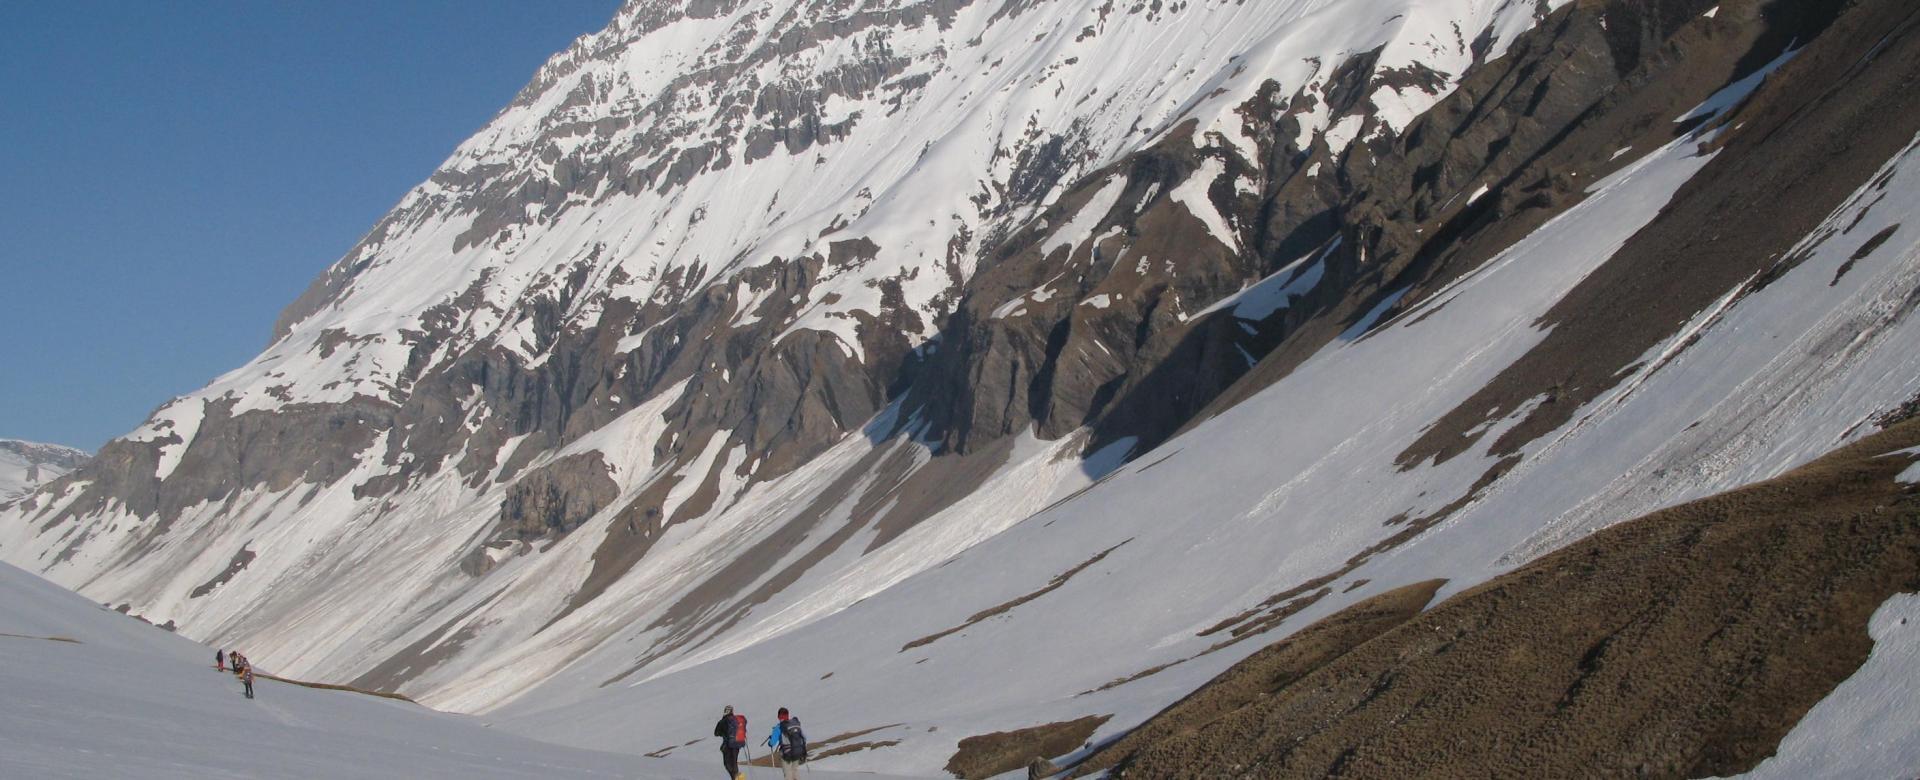 Voyage à la neige : Week-end raquettes en vanoise